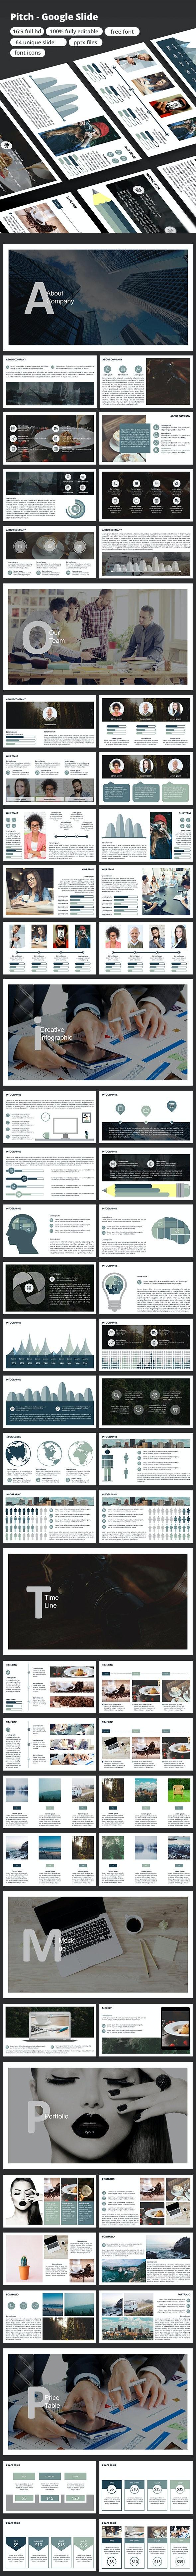 Pitch - Google Slide - Google Slides Presentation Templates